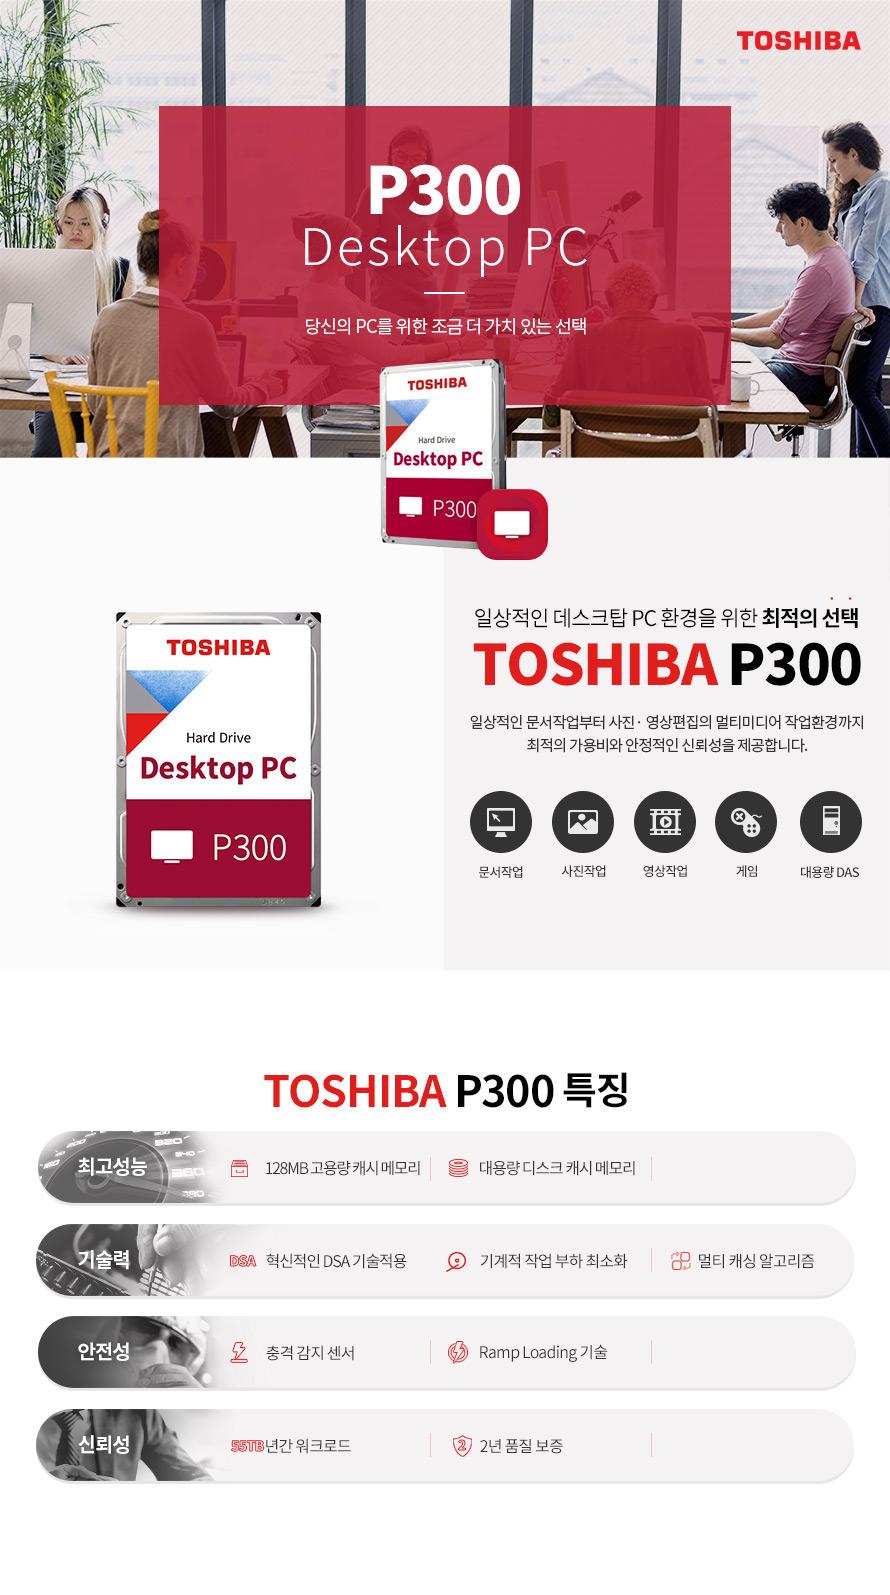 도시바 P300 5400/128M (HDWD220, 2TB)